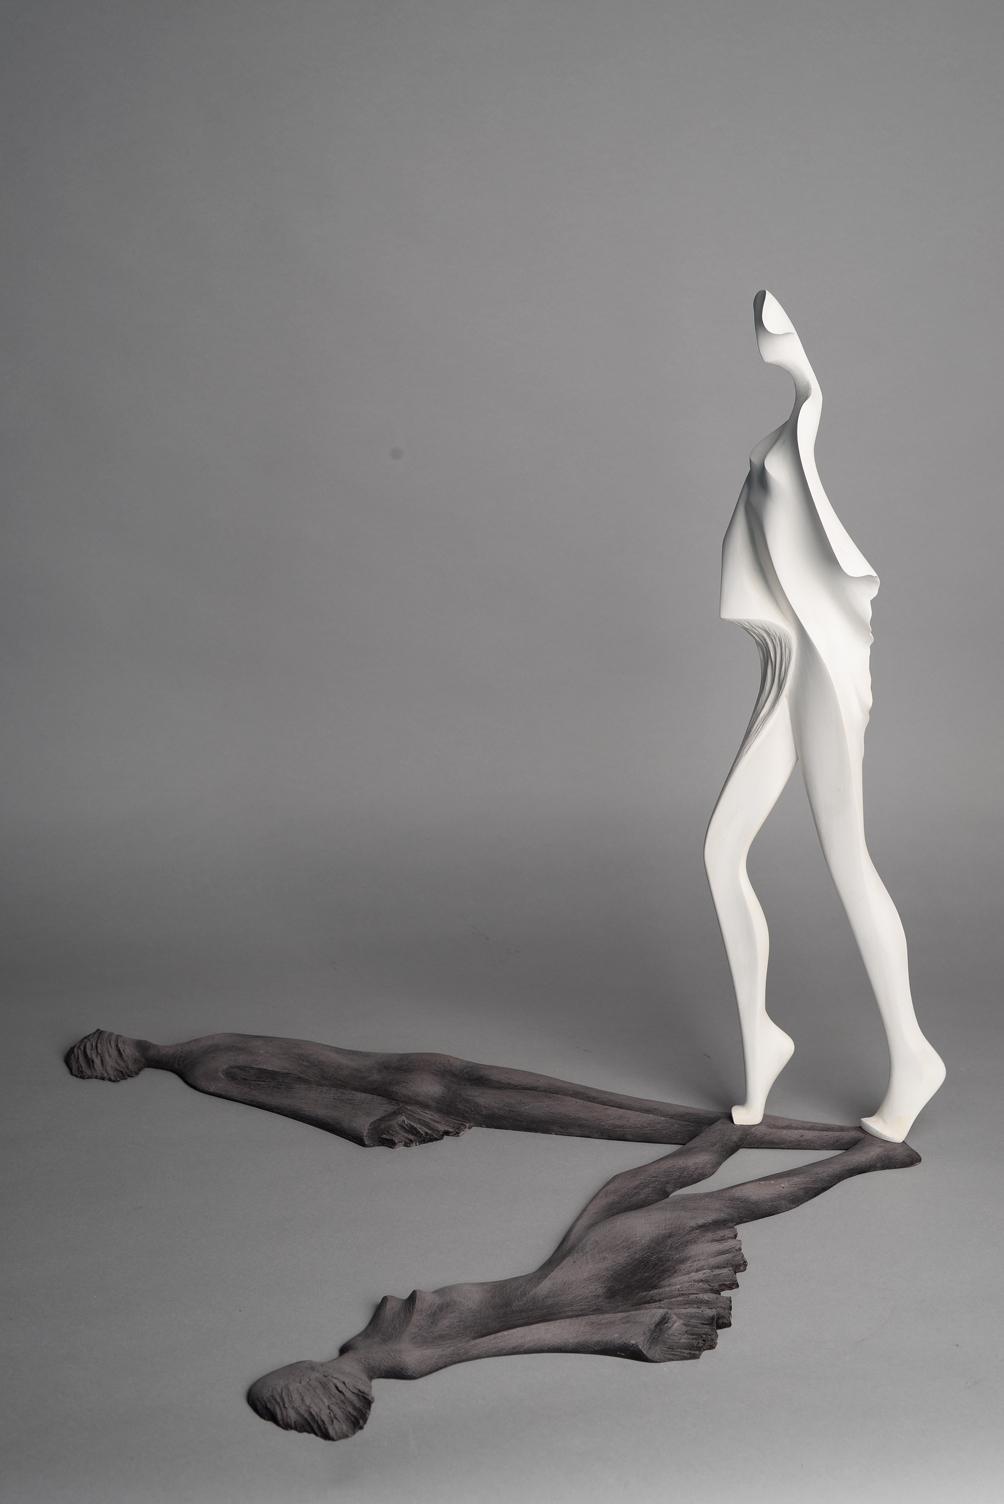 Sur l'établi | baldini Jean Pierre – Sculpteur